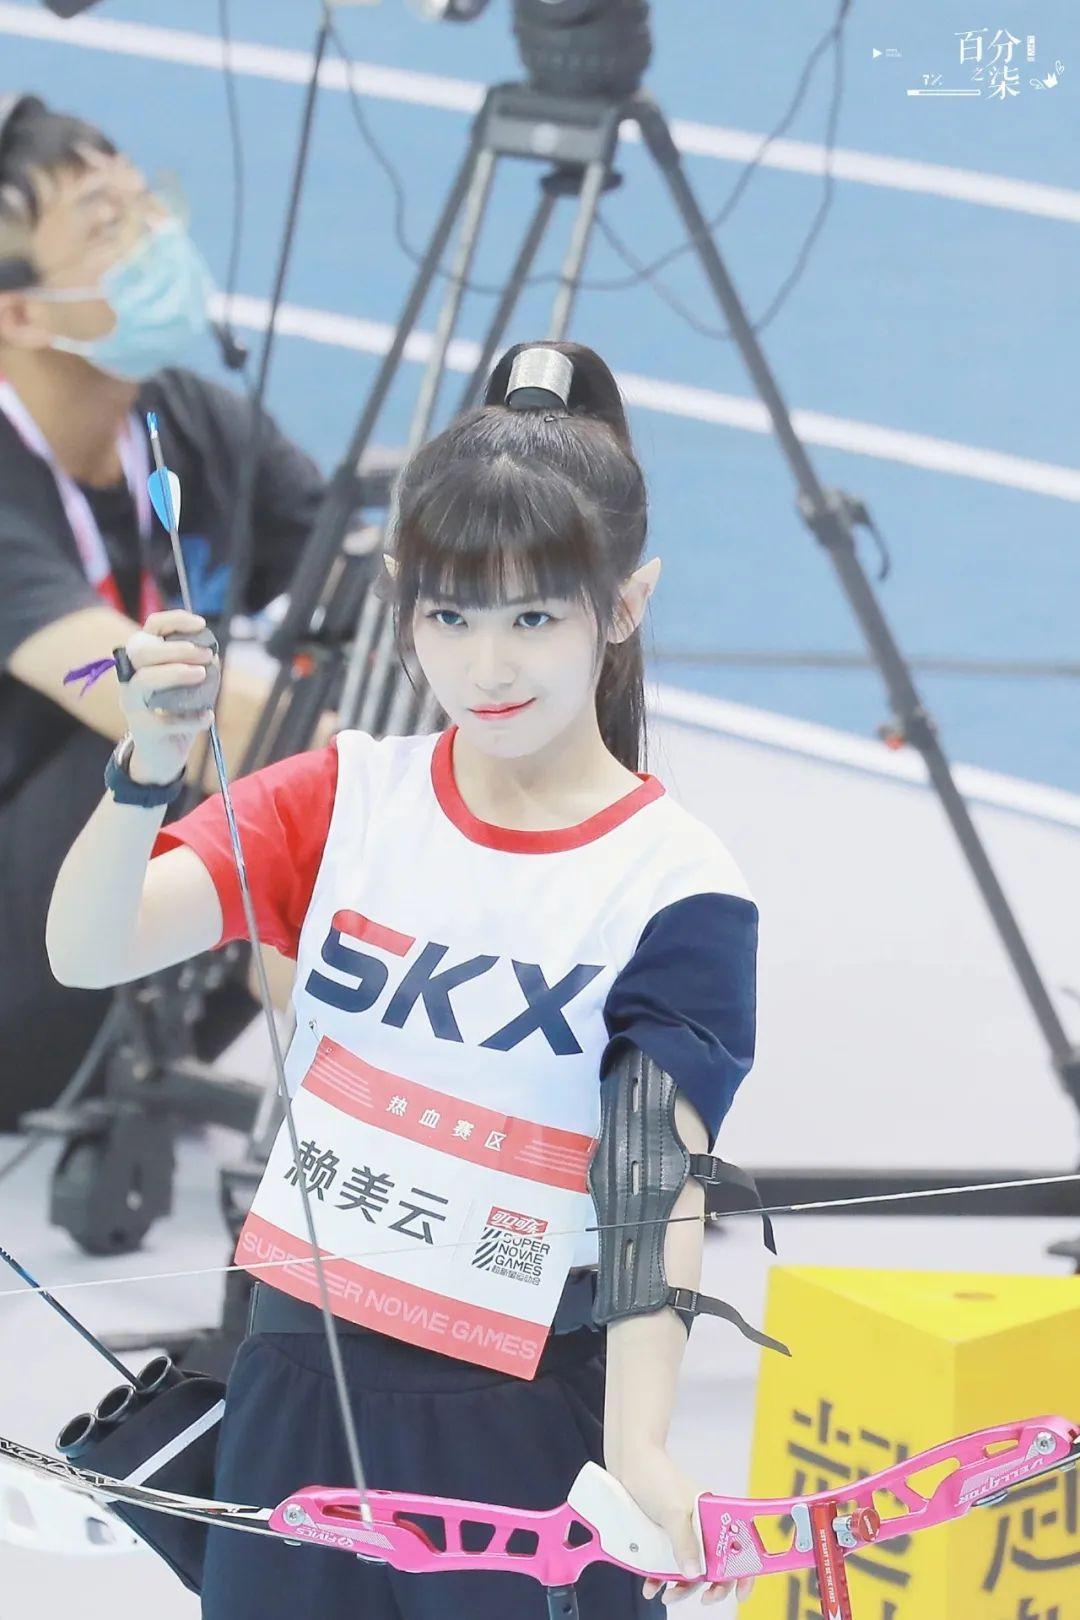 妹子写真 – 女王范的刘亦菲和傻白甜的赖美云,你更喜欢哪一位?_图片 No.16